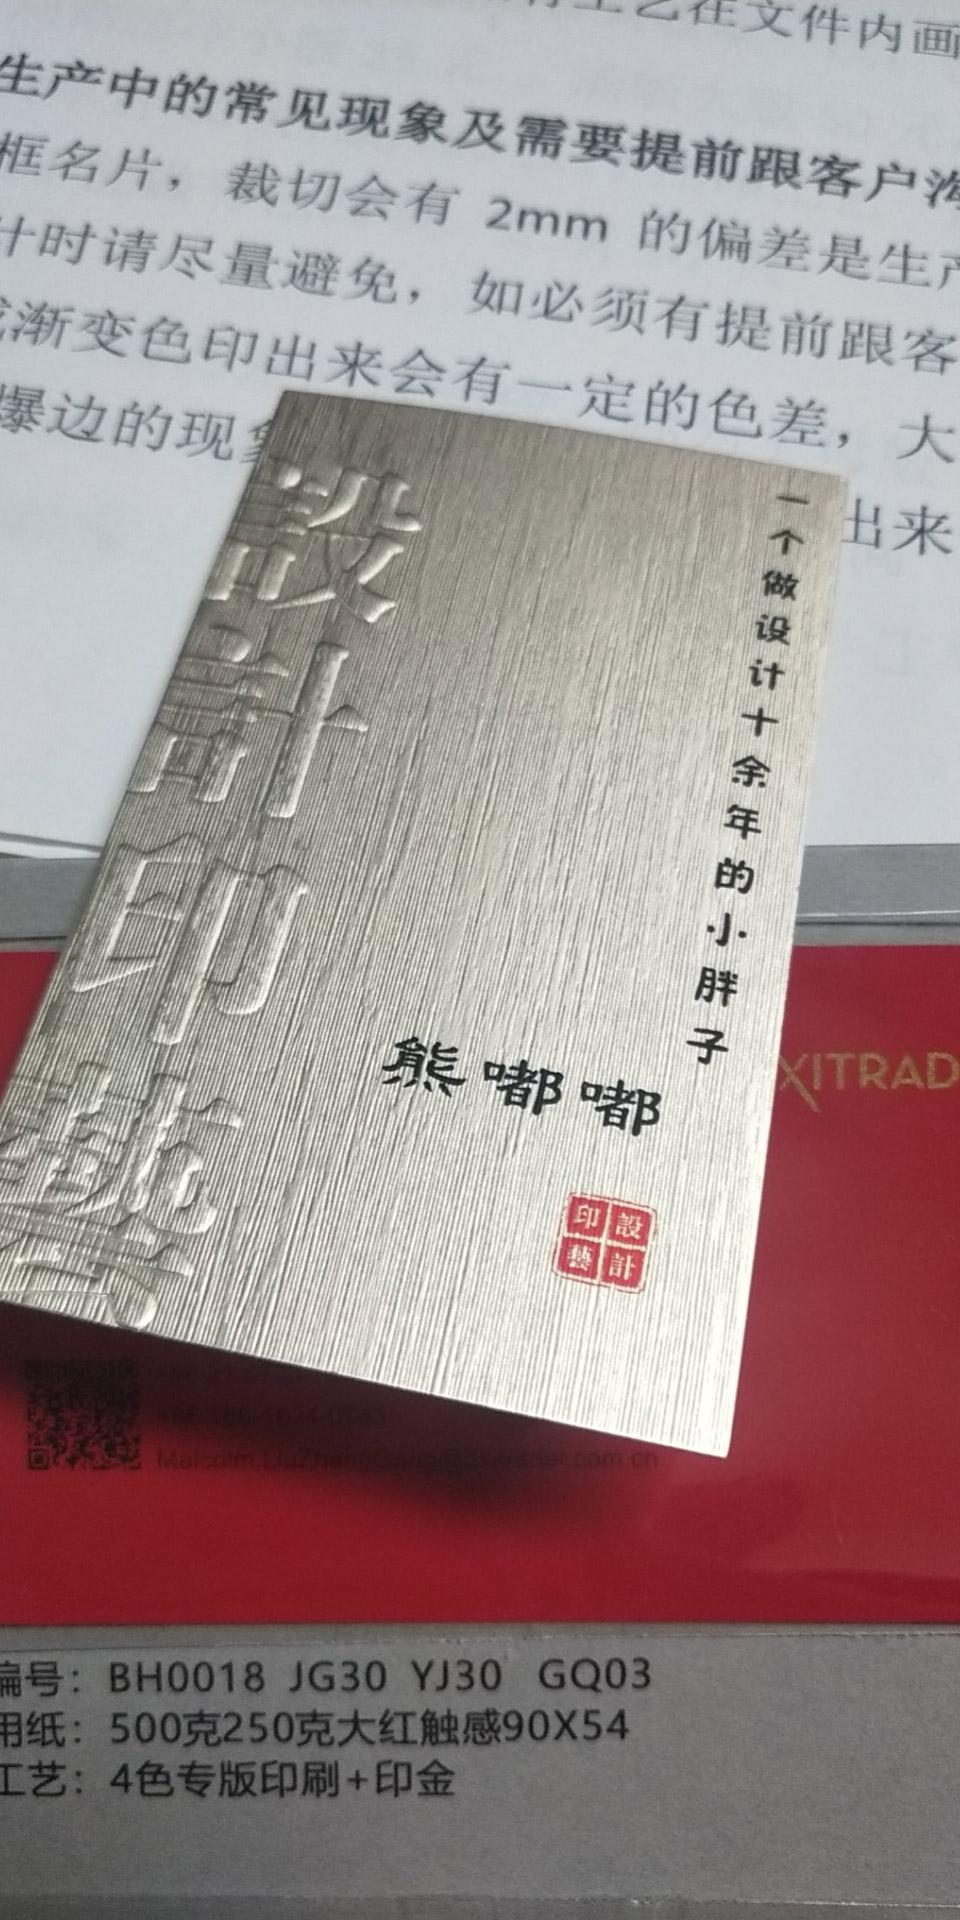 郑州如何制作卡片?